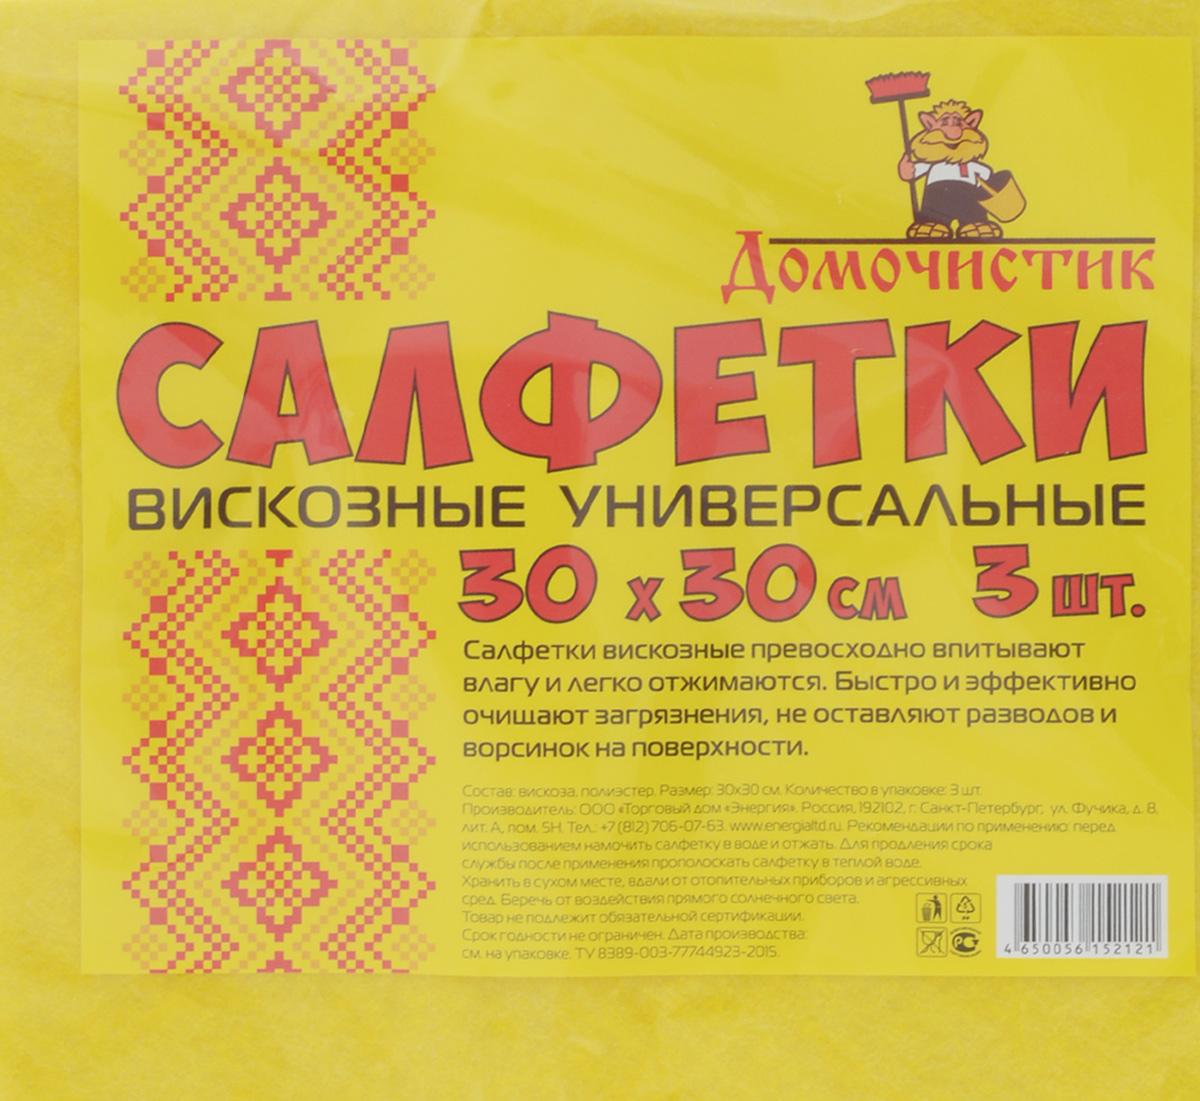 Салфетка для уборки Домочистик из вискозы, универсальная, цвет: желтый, 30 x 30 см, 3 шт13004_желтыйУниверсальные салфетки для уборки Домочистик, выполненные из вискозы и полиэстера, превосходно впитывают влагу и легко отжимаются. Они быстро и эффективно очищают загрязнения, не оставляя разводов. Размер салфетки: 30 x 30 см.